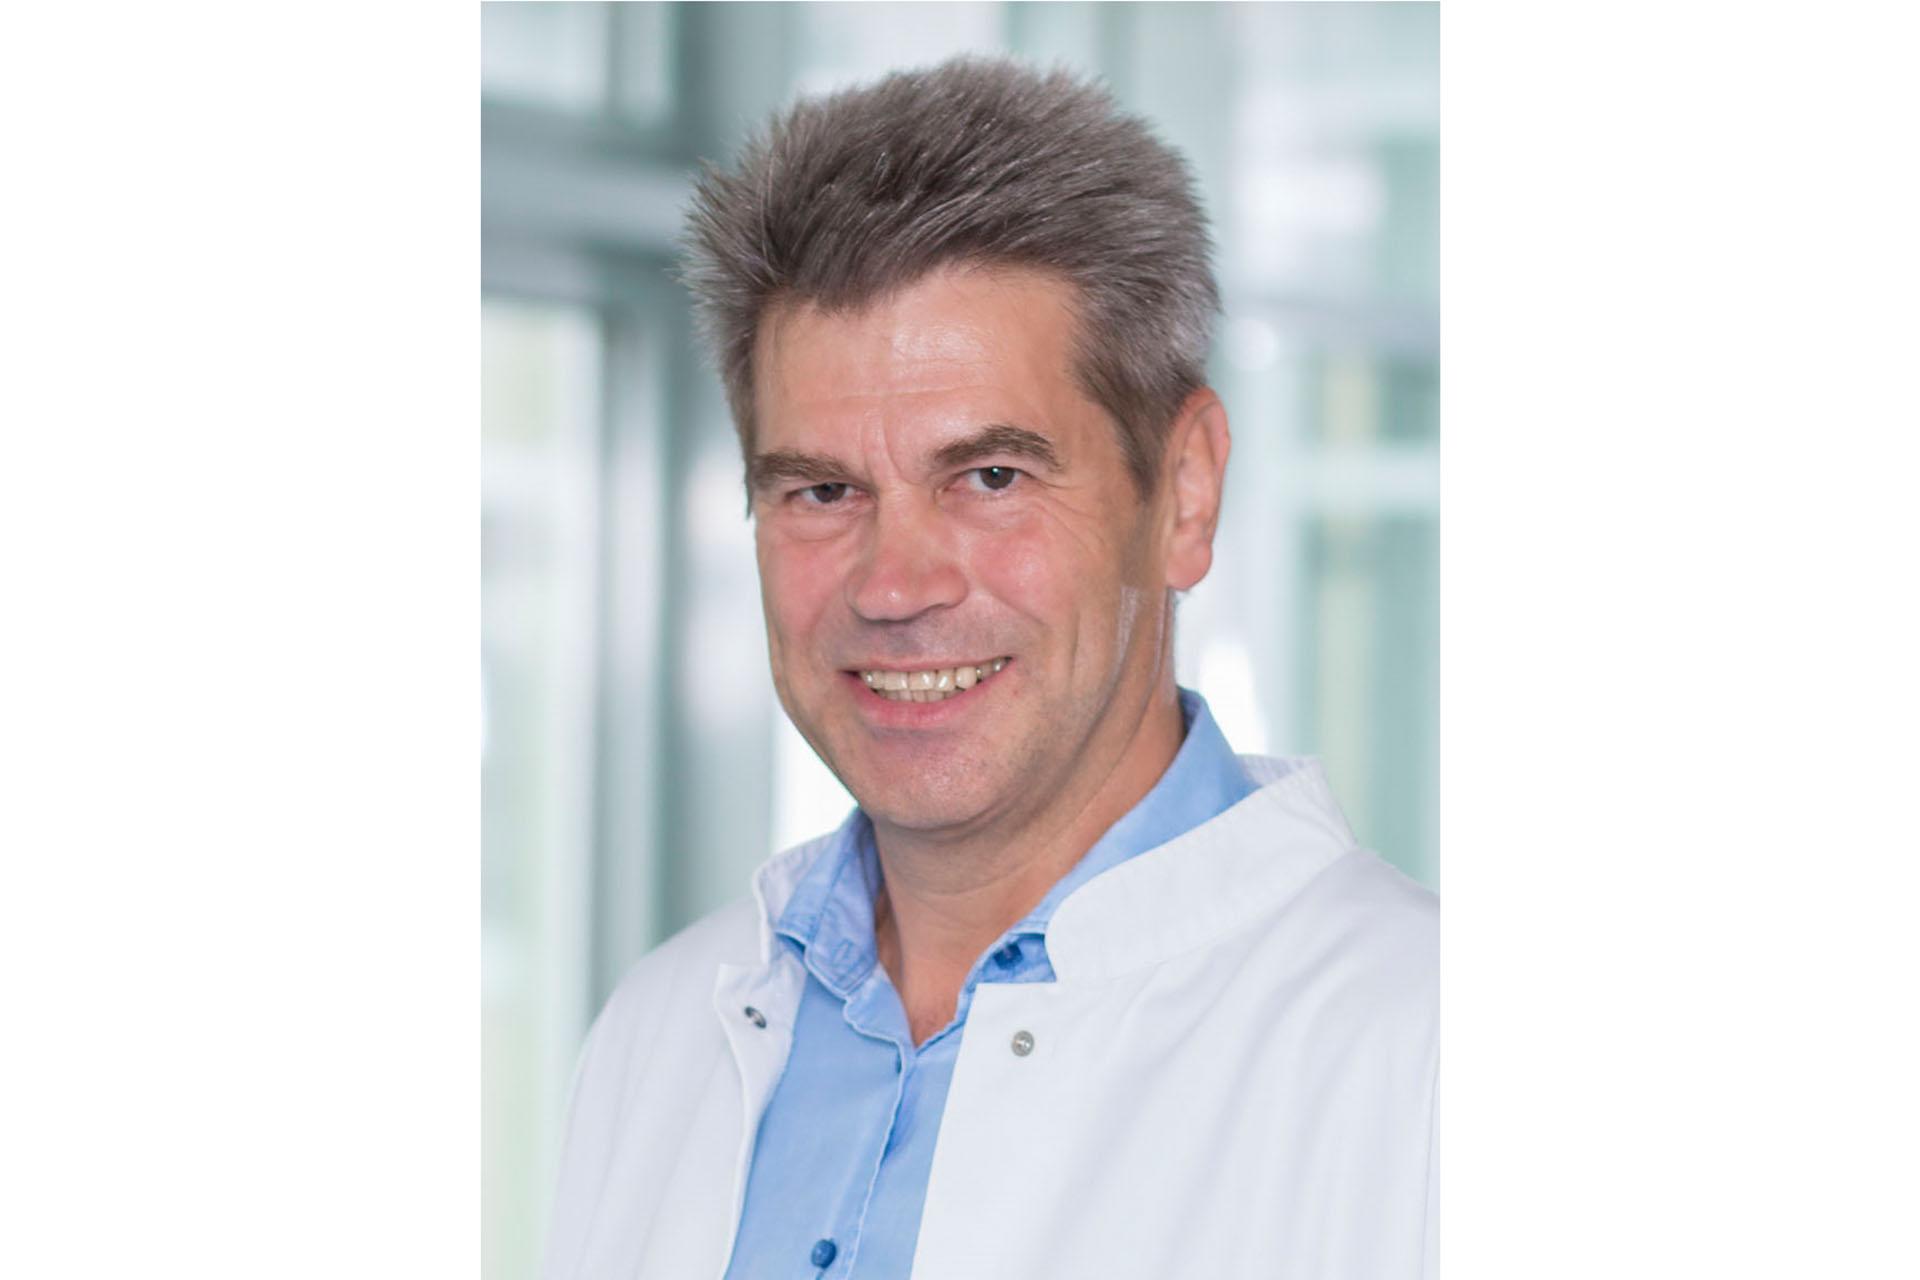 Chefarzt der Klinik für Gynäkologie und Geburtshilfe, Dipl.-Med. Köhler.